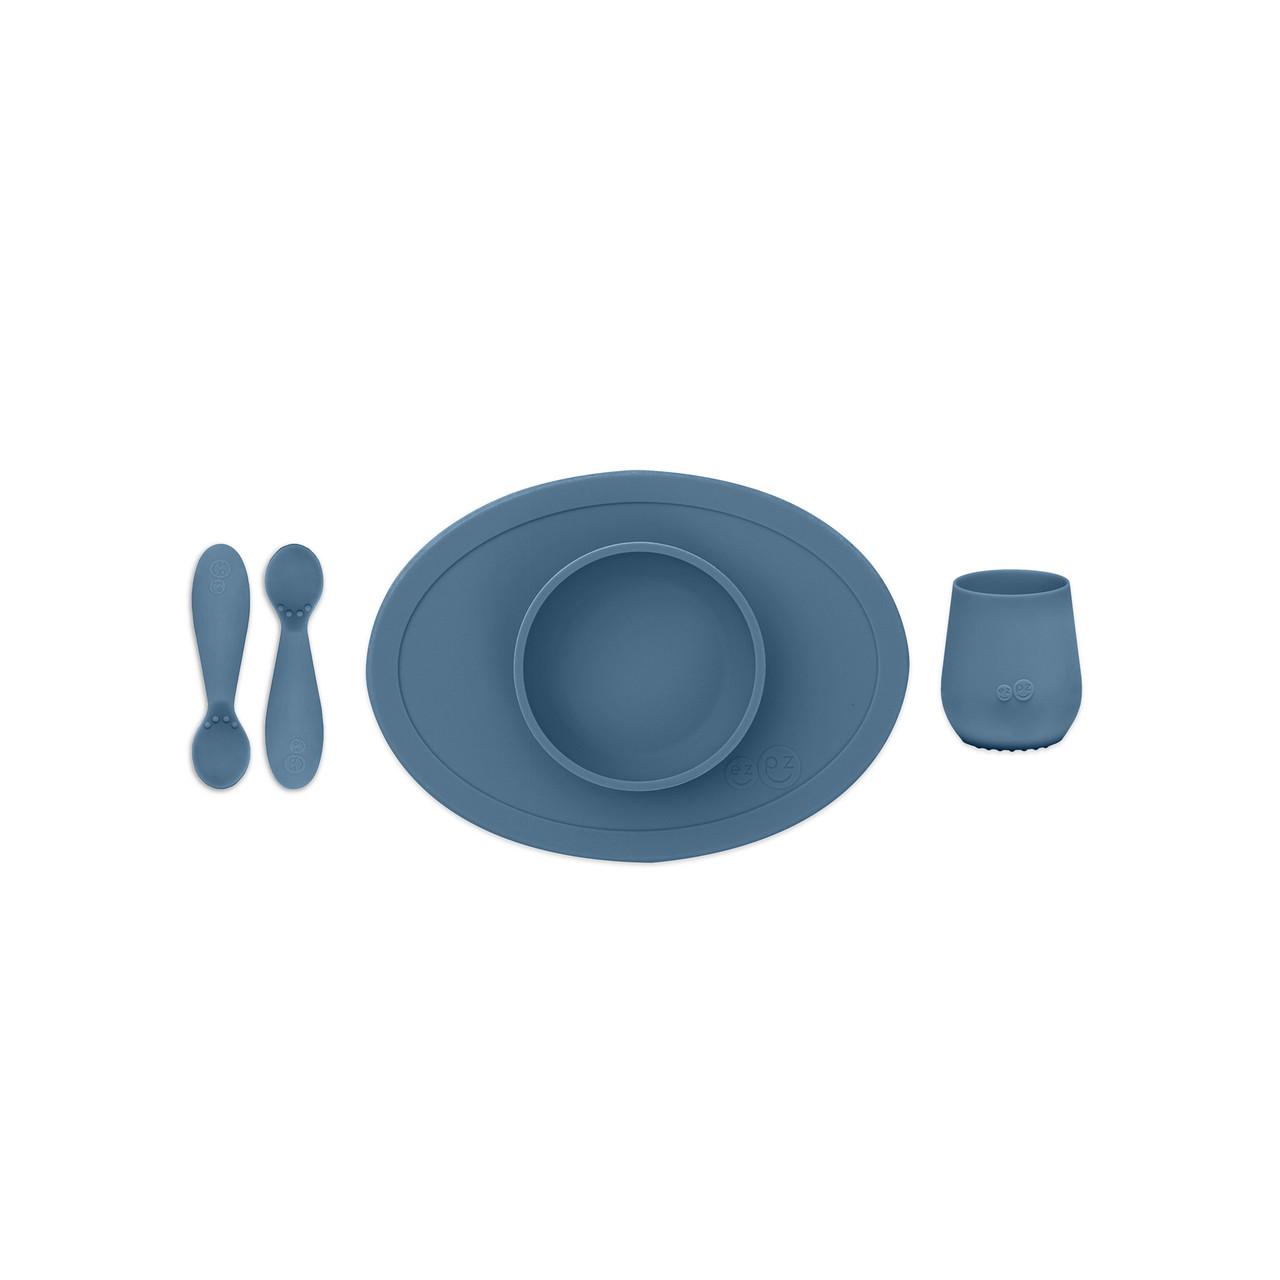 Перший набір посуду синій (4 од. в наборі)